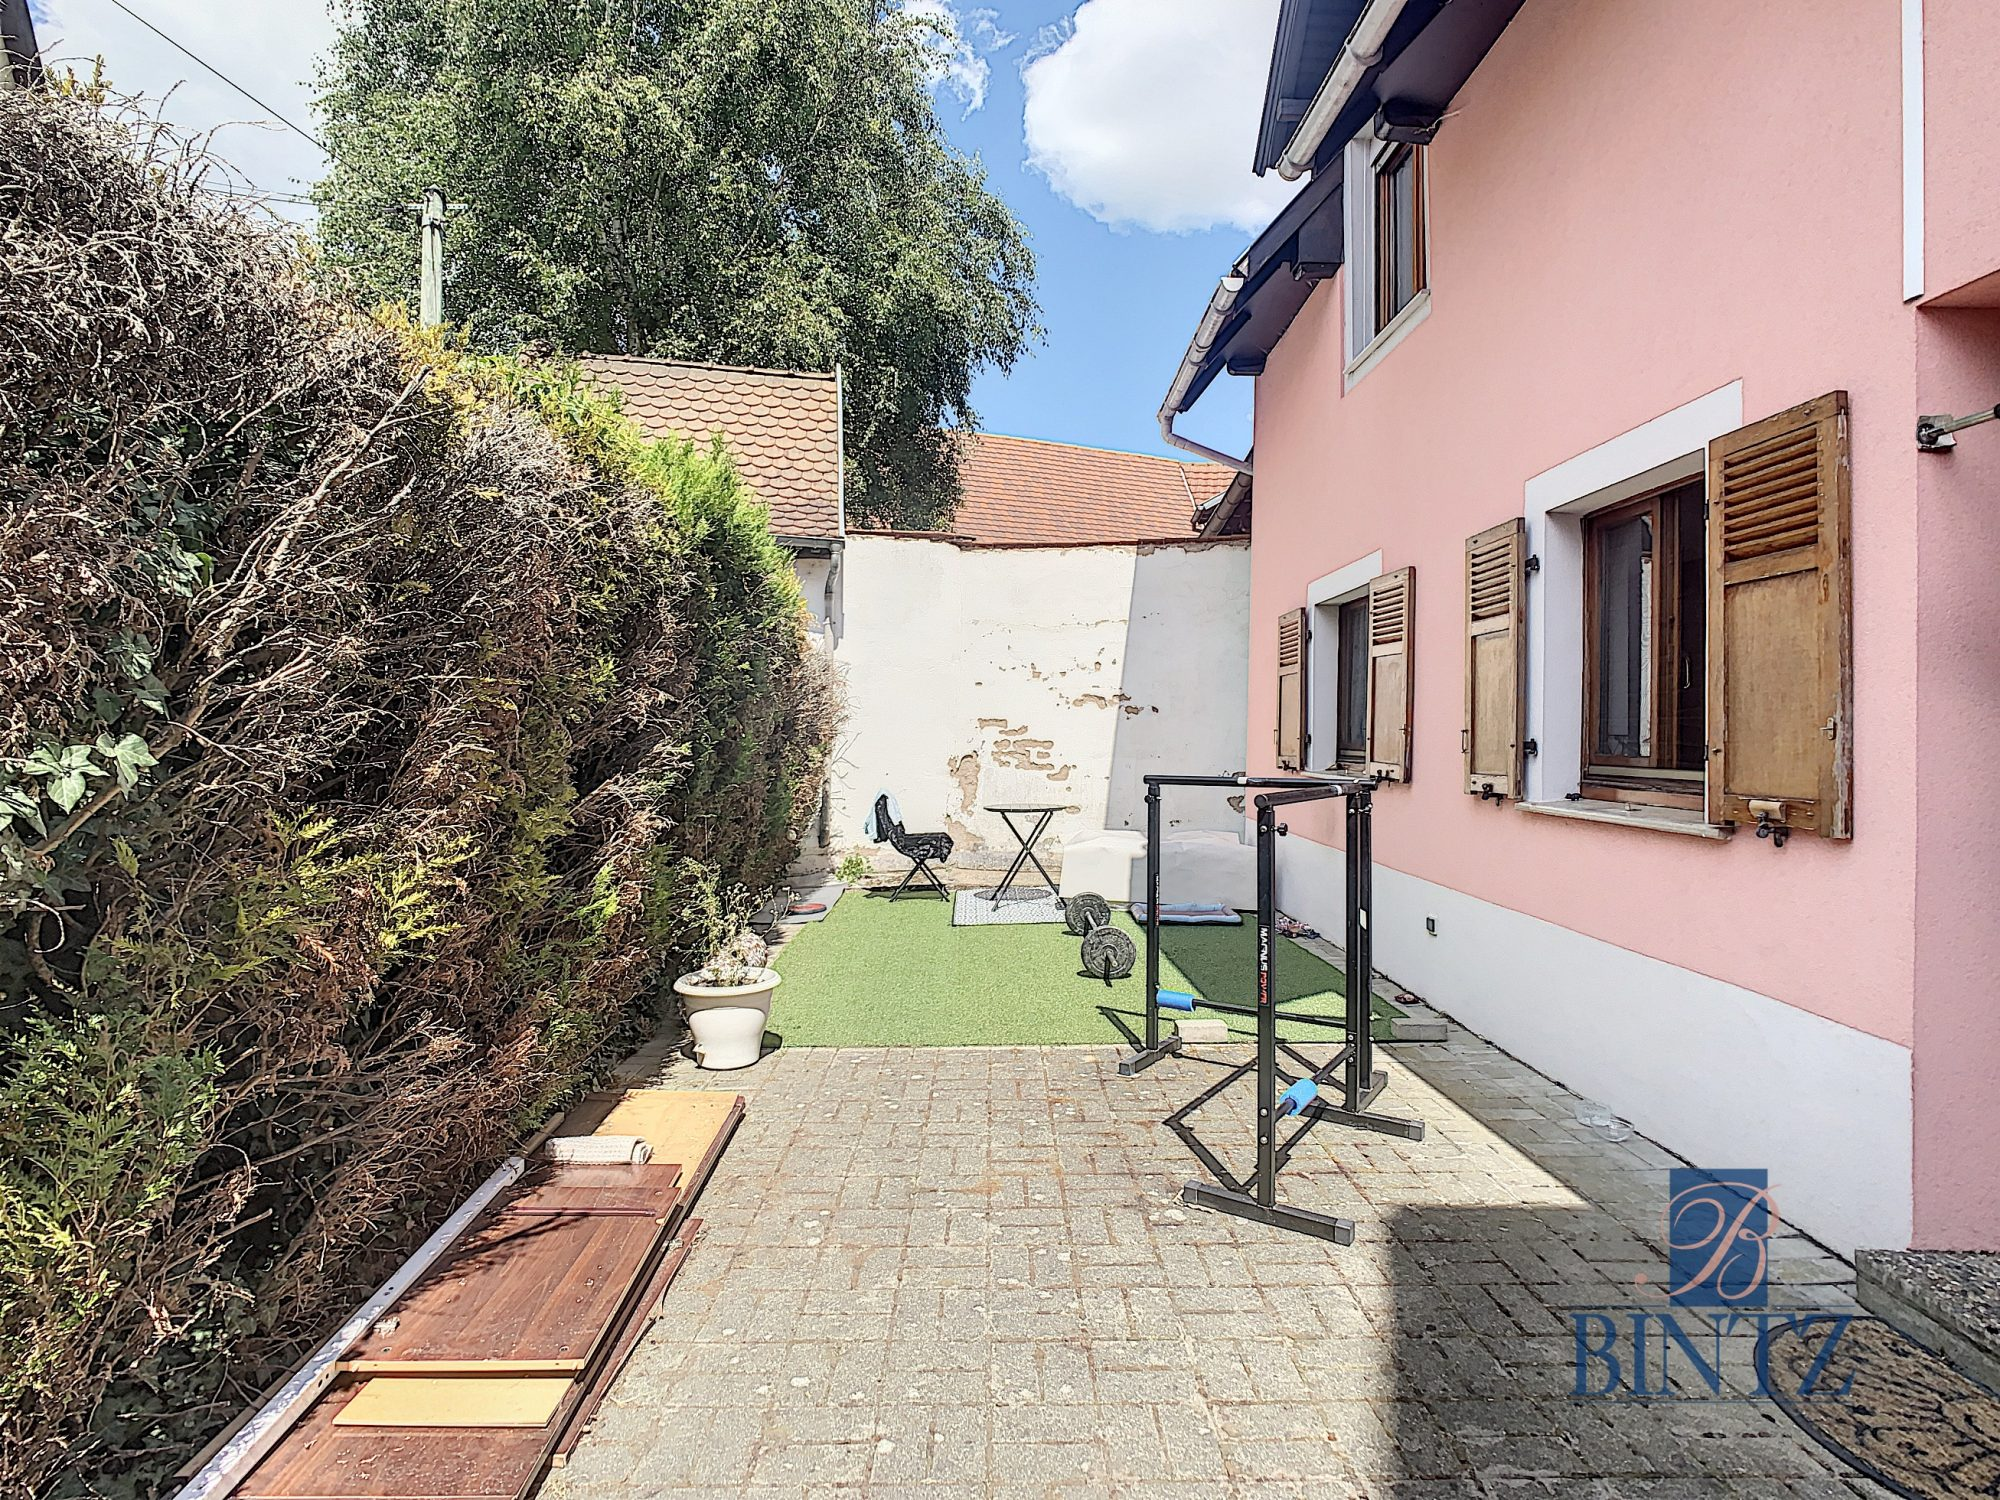 Pour investisseur : maison 2 pièces louée, avec garage fermé - Devenez propriétaire en toute confiance - Bintz Immobilier - 1